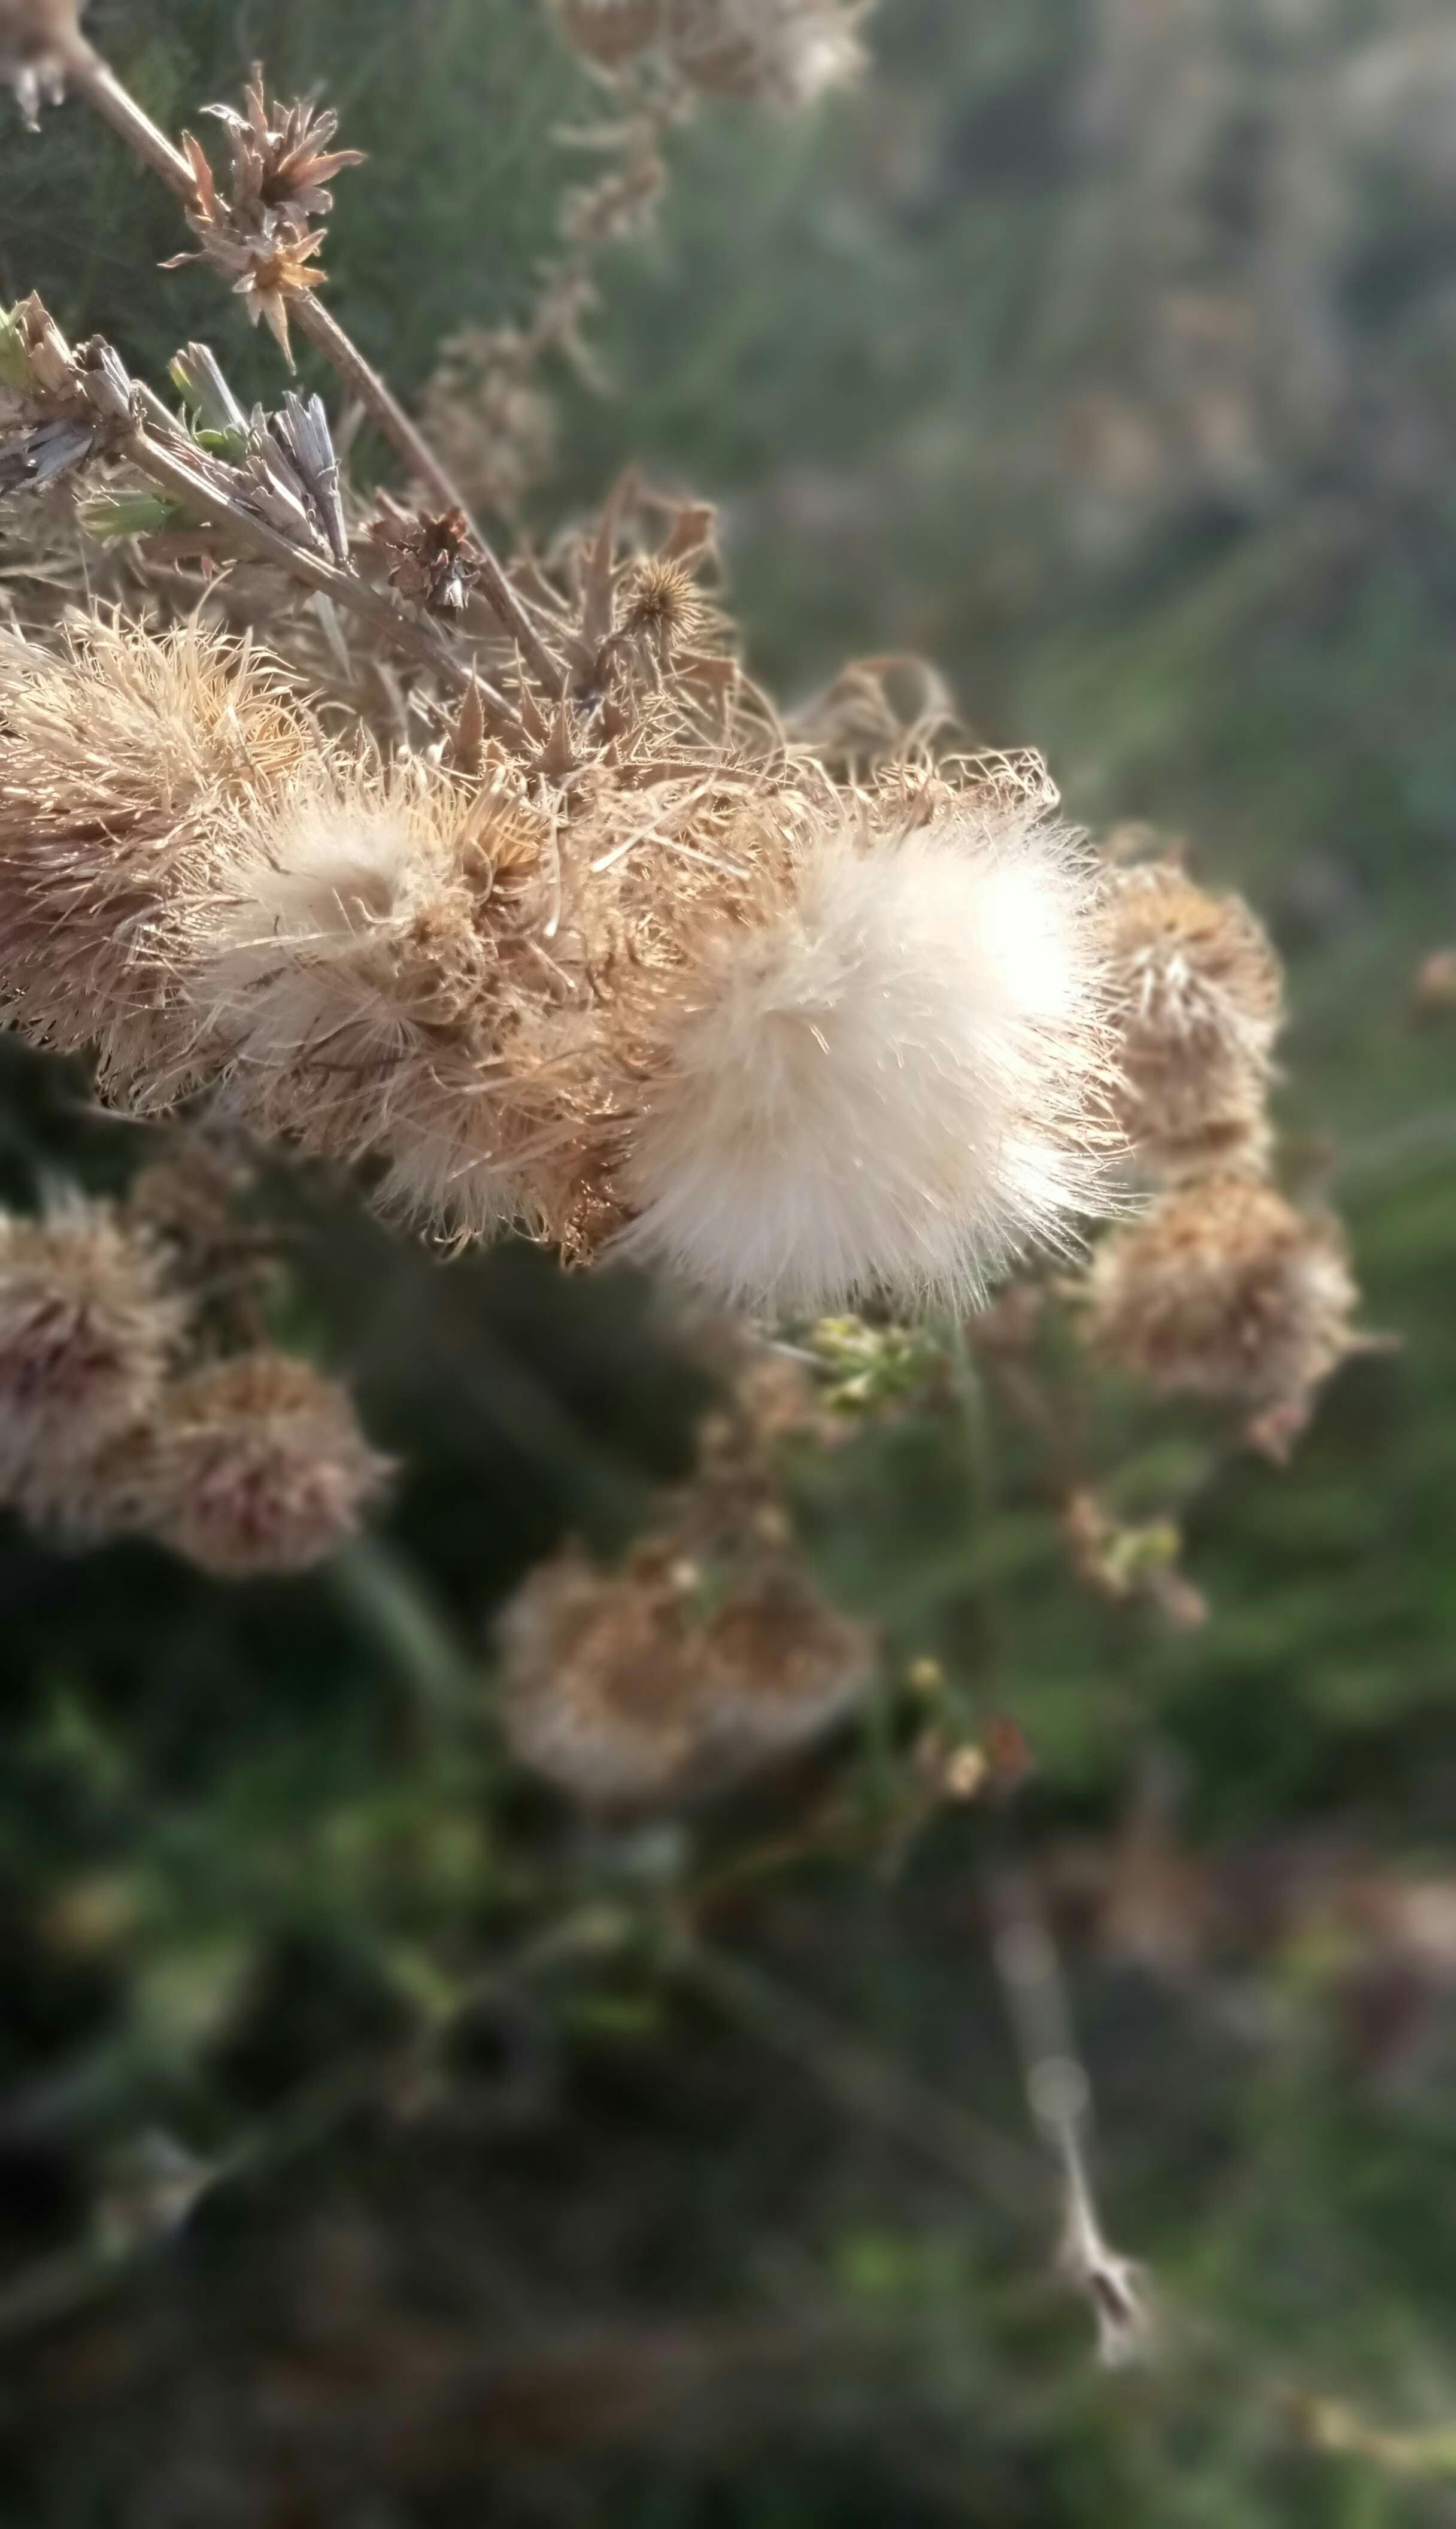 Dry autumn plants photo